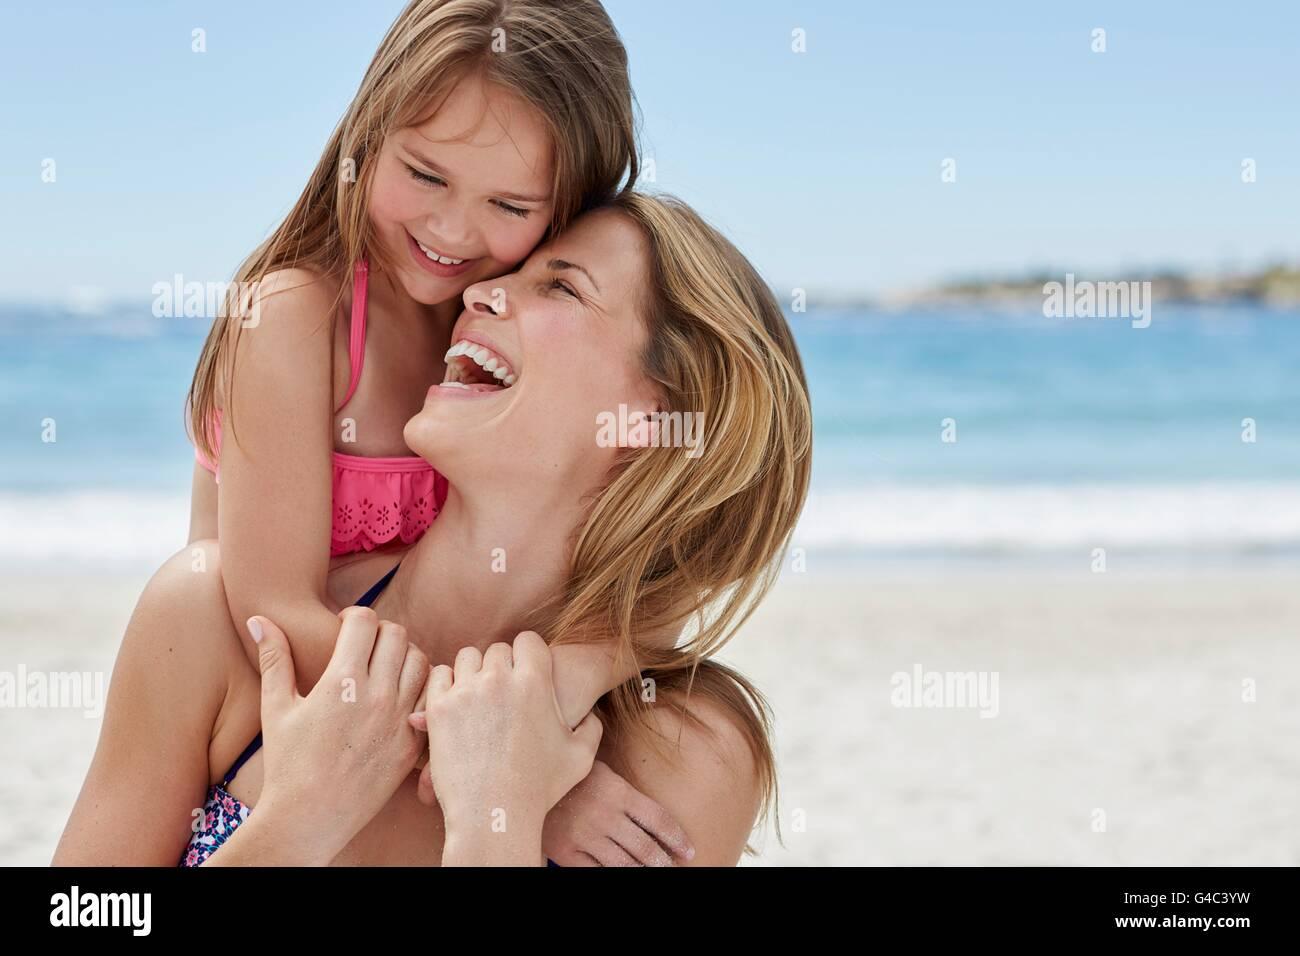 Modelo liberado. Madre con su hija en su espalda. Imagen De Stock